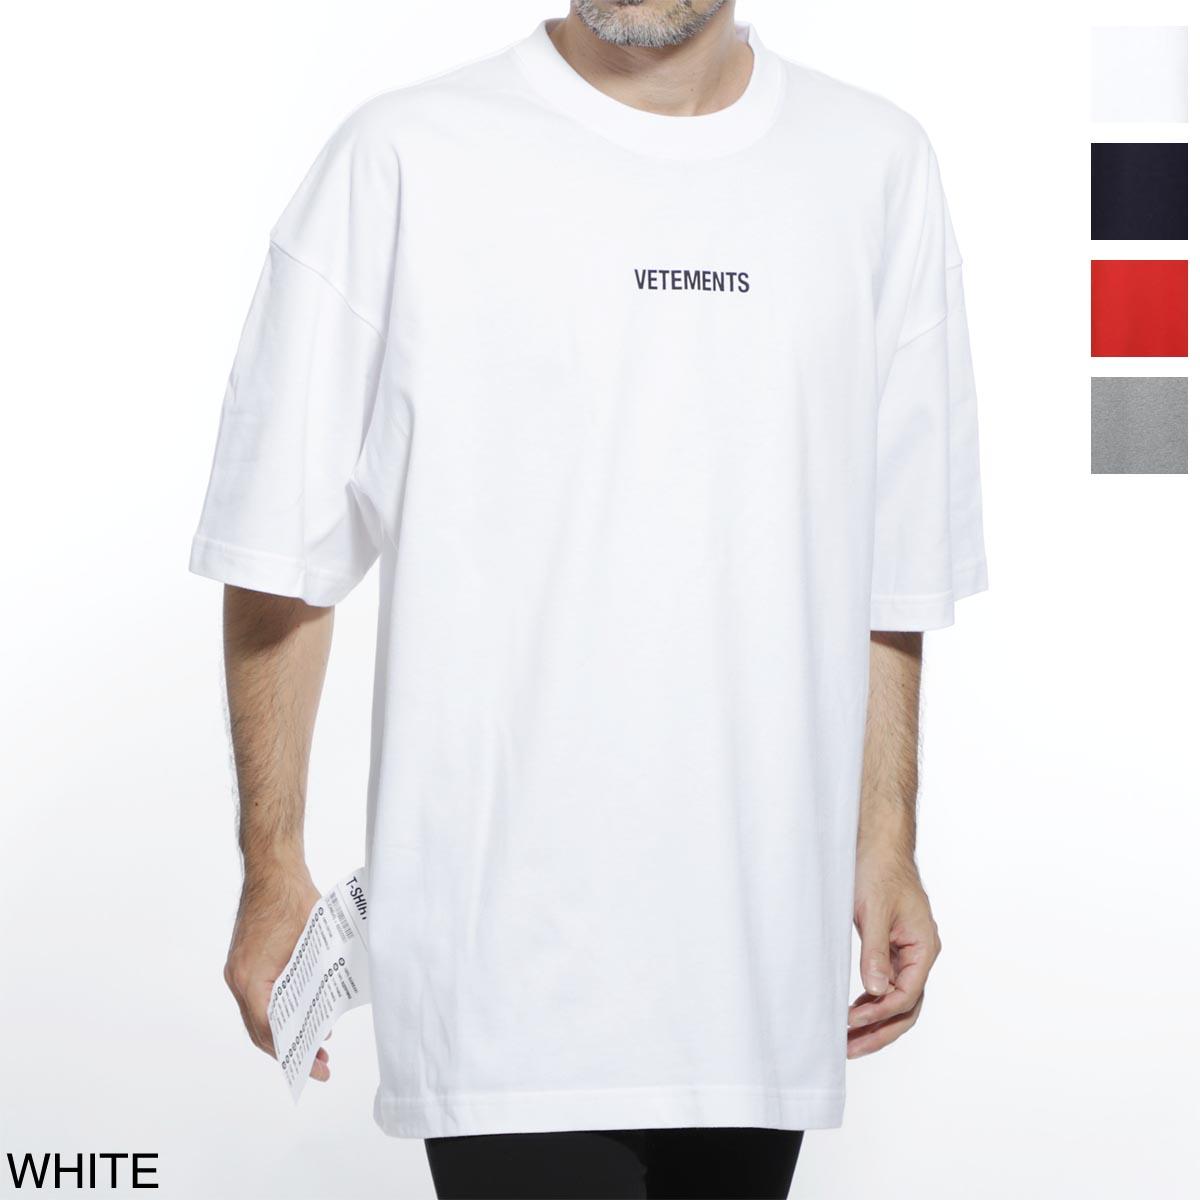 ヴェトモン VETEMENTS クルーネック Tシャツ メンズ カジュアル トップス インナー uah20tr611 white LOGO T-SHIRT【あす楽対応_関東】【返品送料無料】【ラッピング無料】